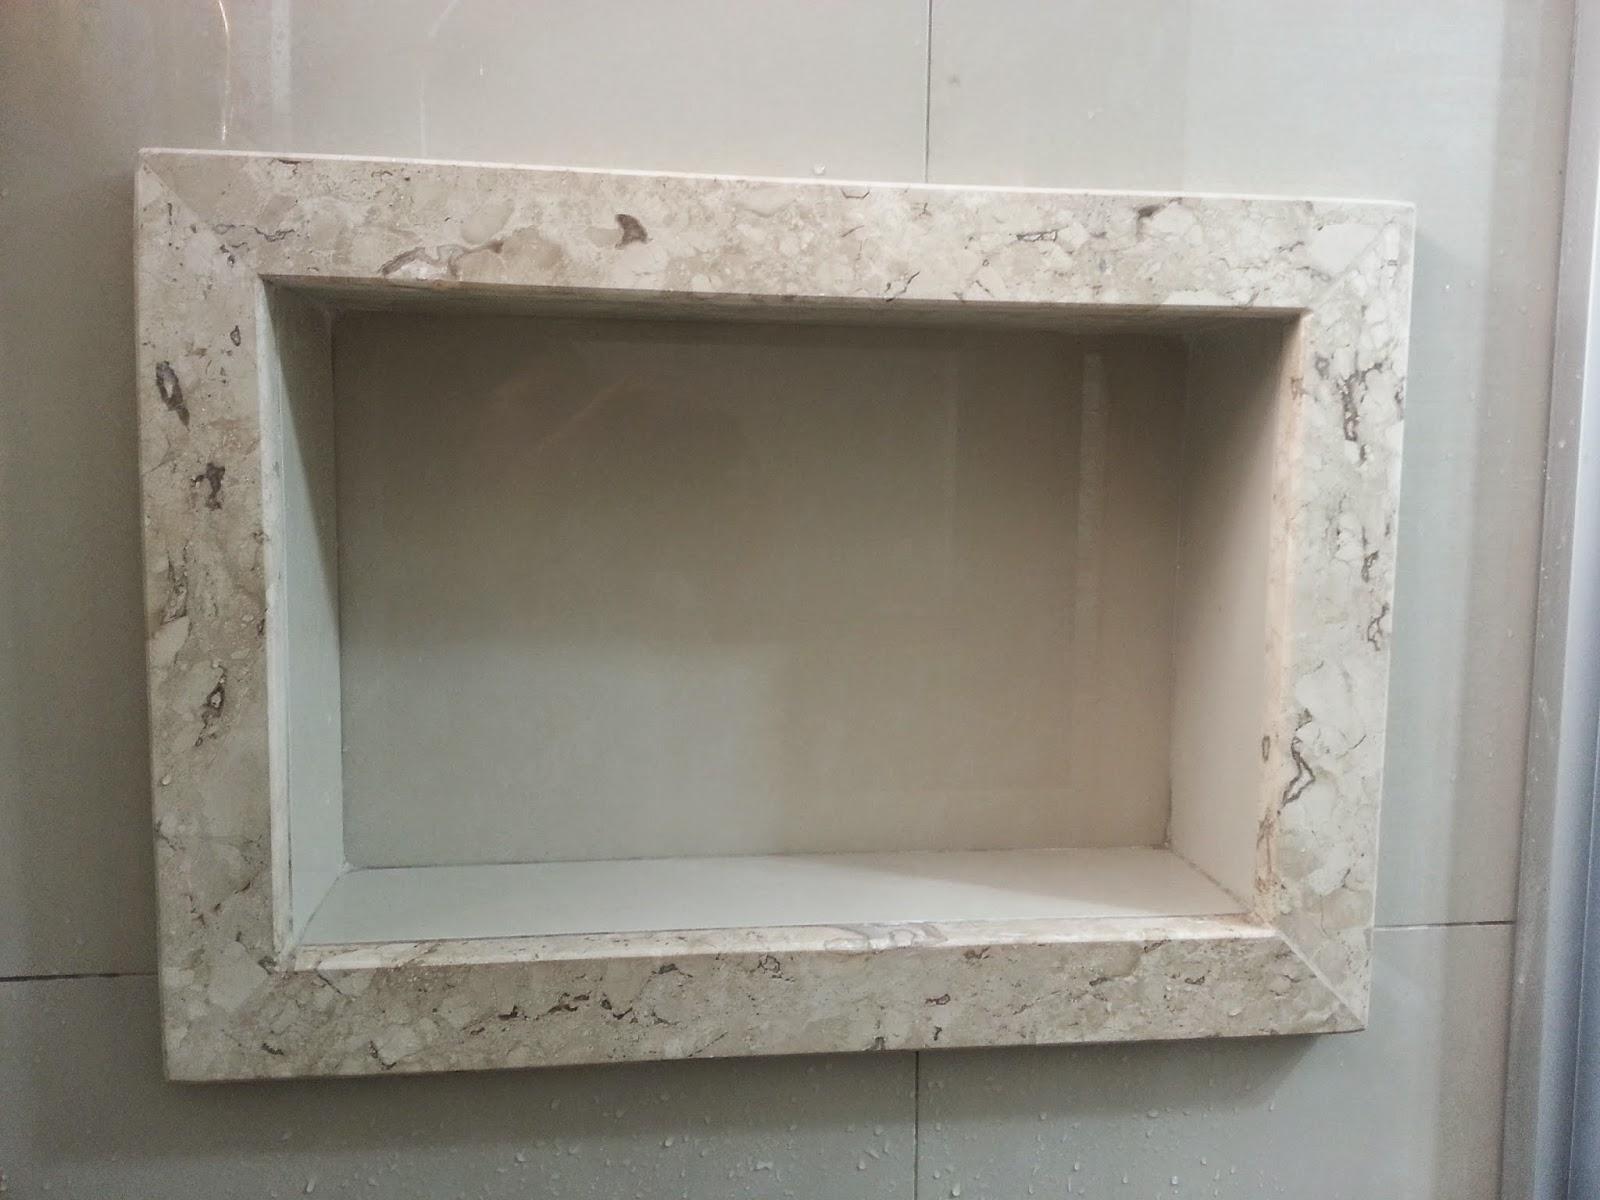 detalhes do NICHO do banheiro  Meu novo Lar -> Nicho Banheiro Porcelanato